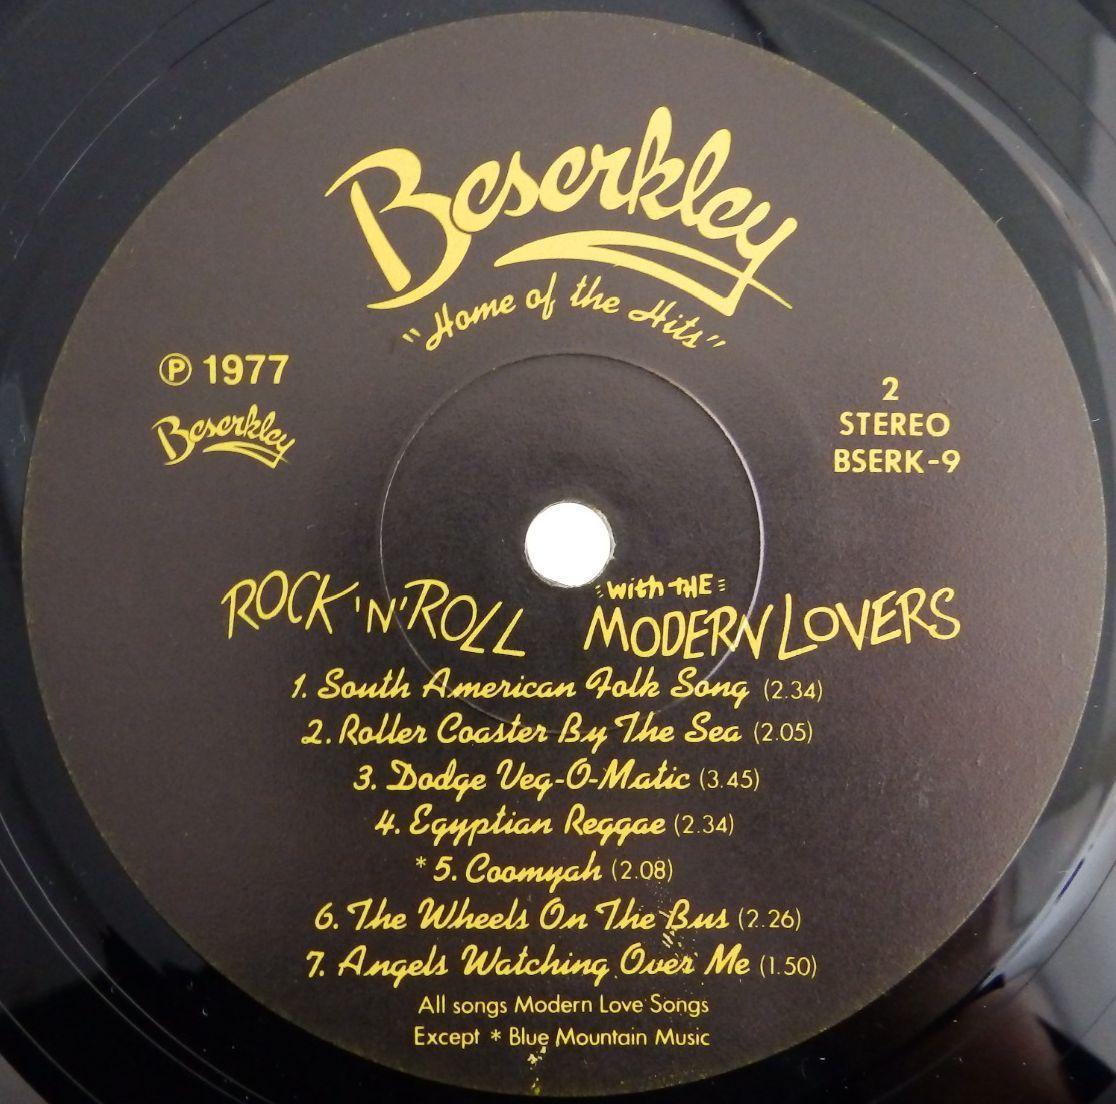 23009330;【廃盤】美再生 BESERKLEY 完全 オリジナル US盤 JONATHAN RICHMAN THE MODERN LOVERS Rock N roll ジョナサン リッチマン_画像5